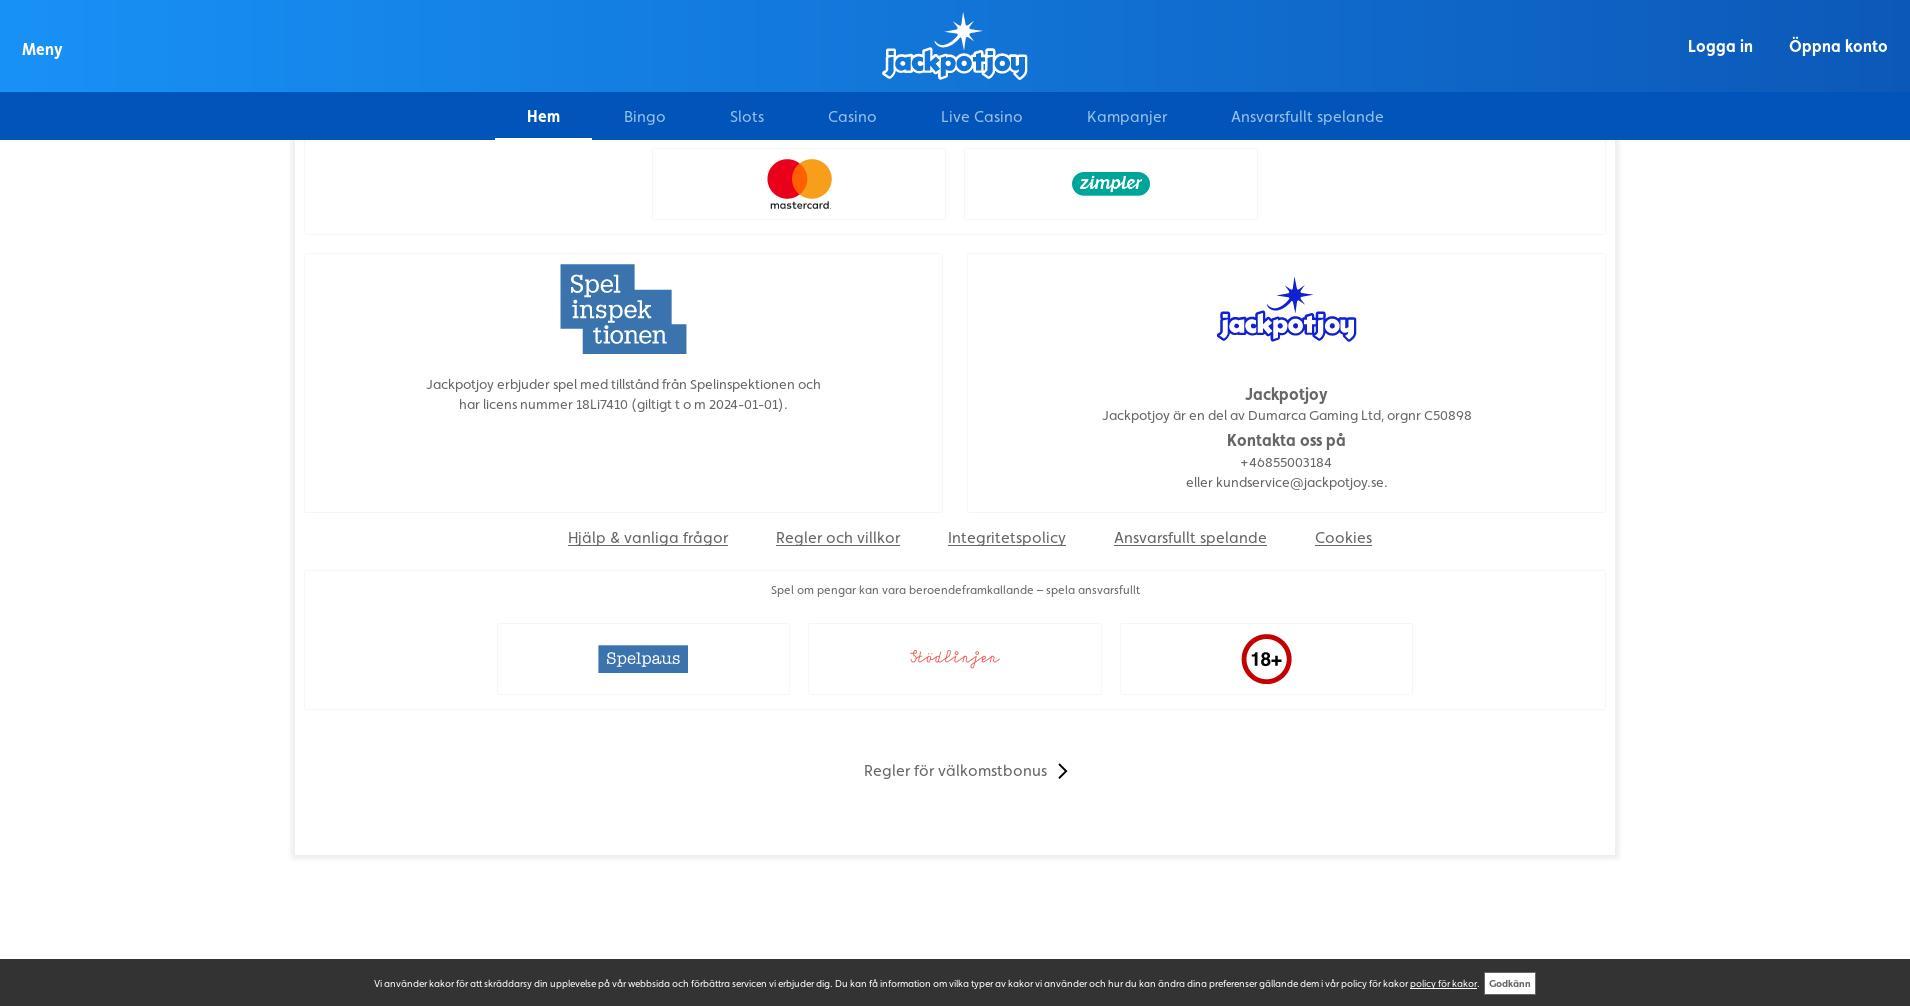 Casino skärm Lobby 2020-01-28 för Sverige